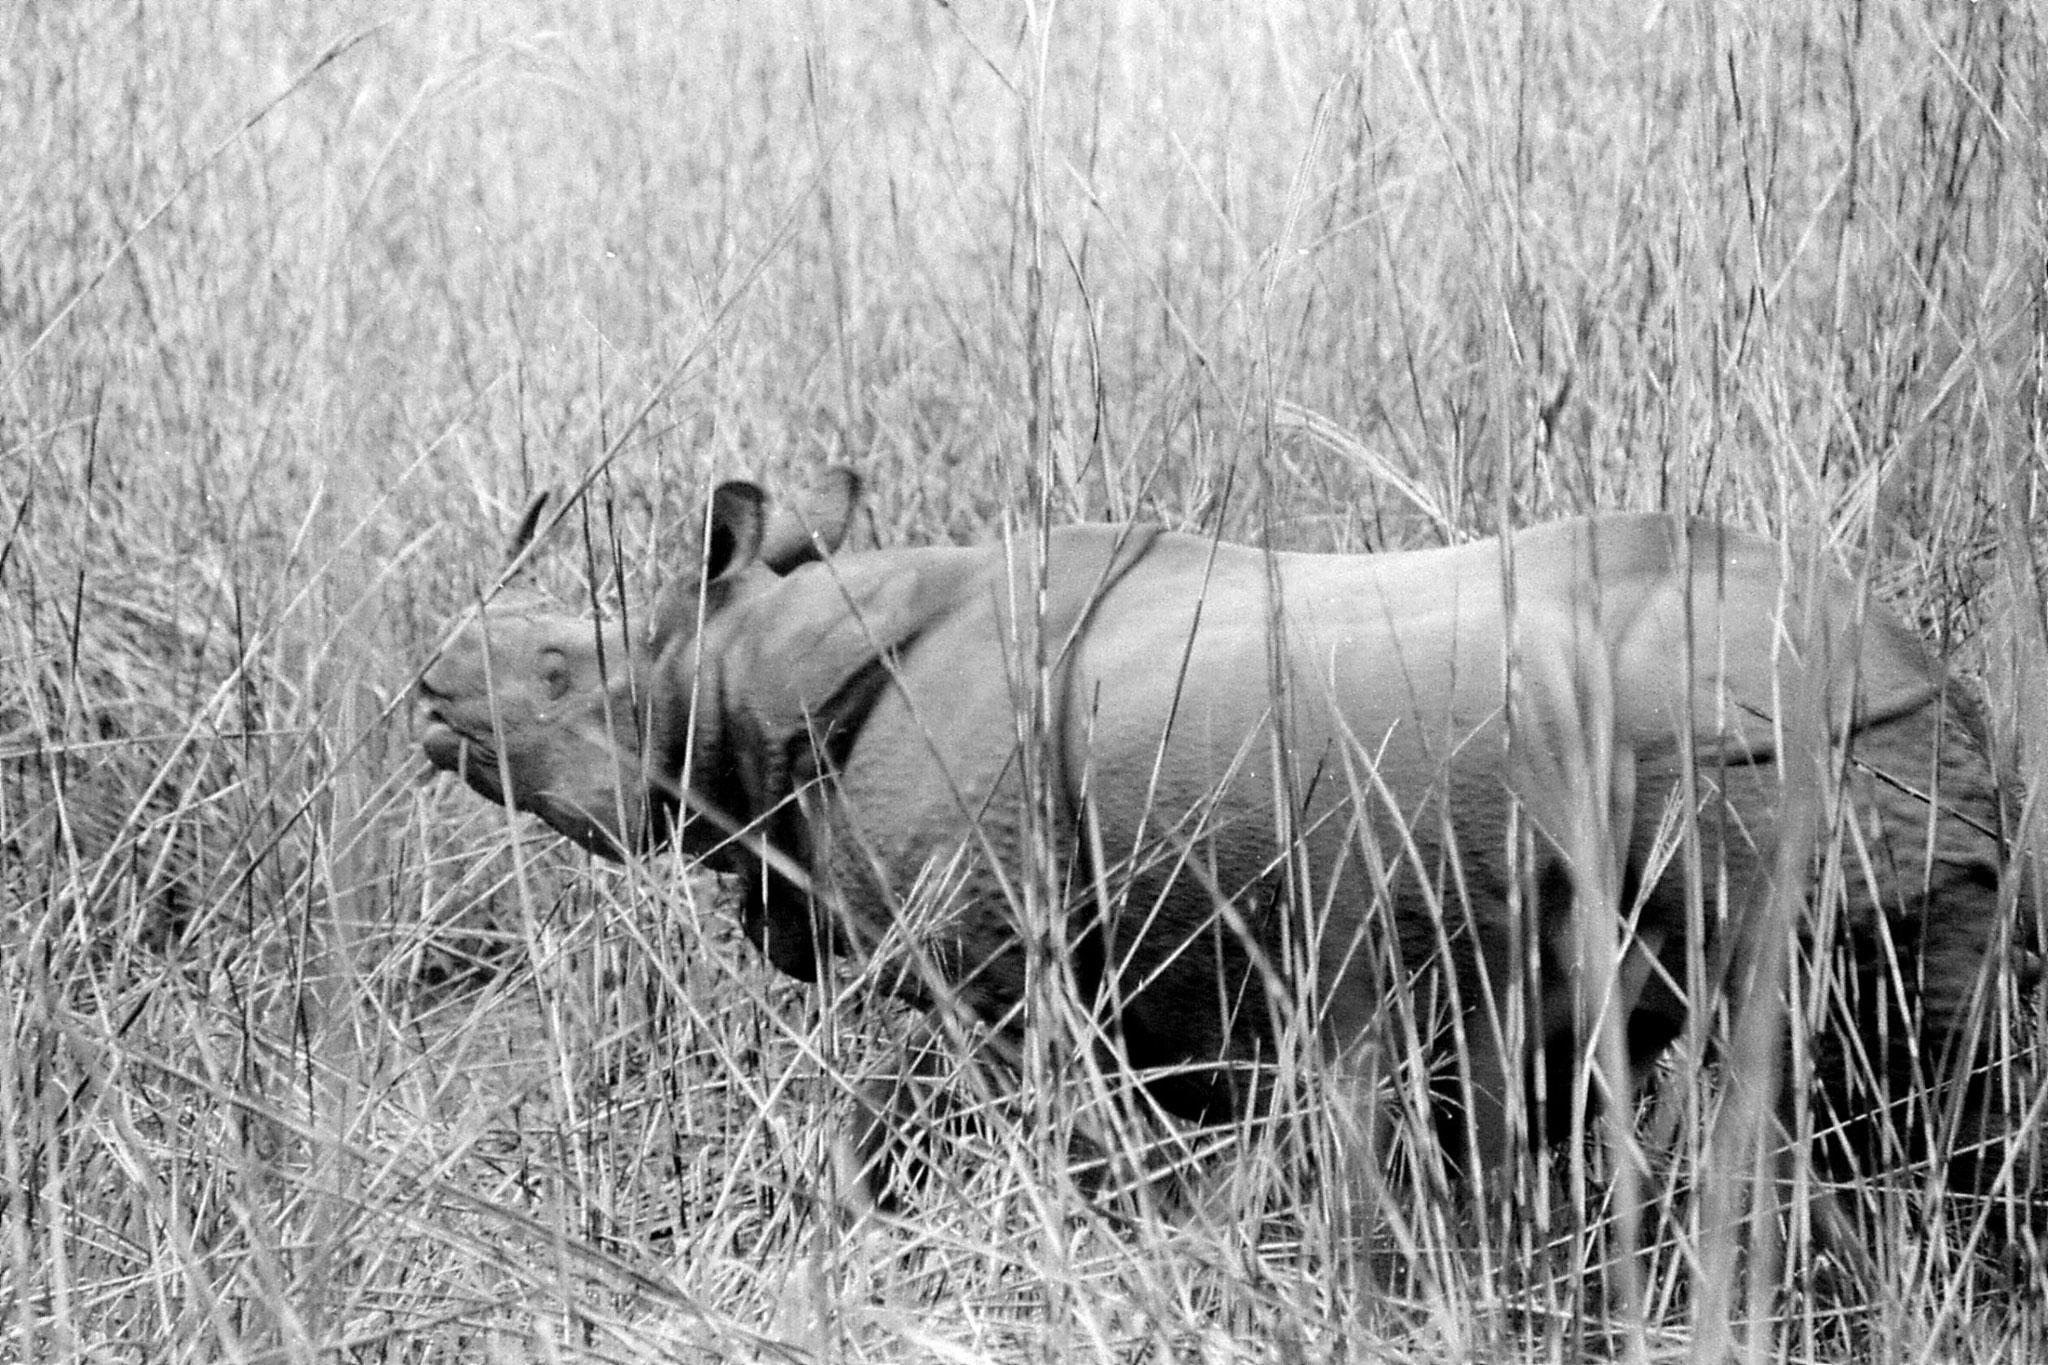 9/4/1990: 24: Kaziranga Indian One Horned Rhino